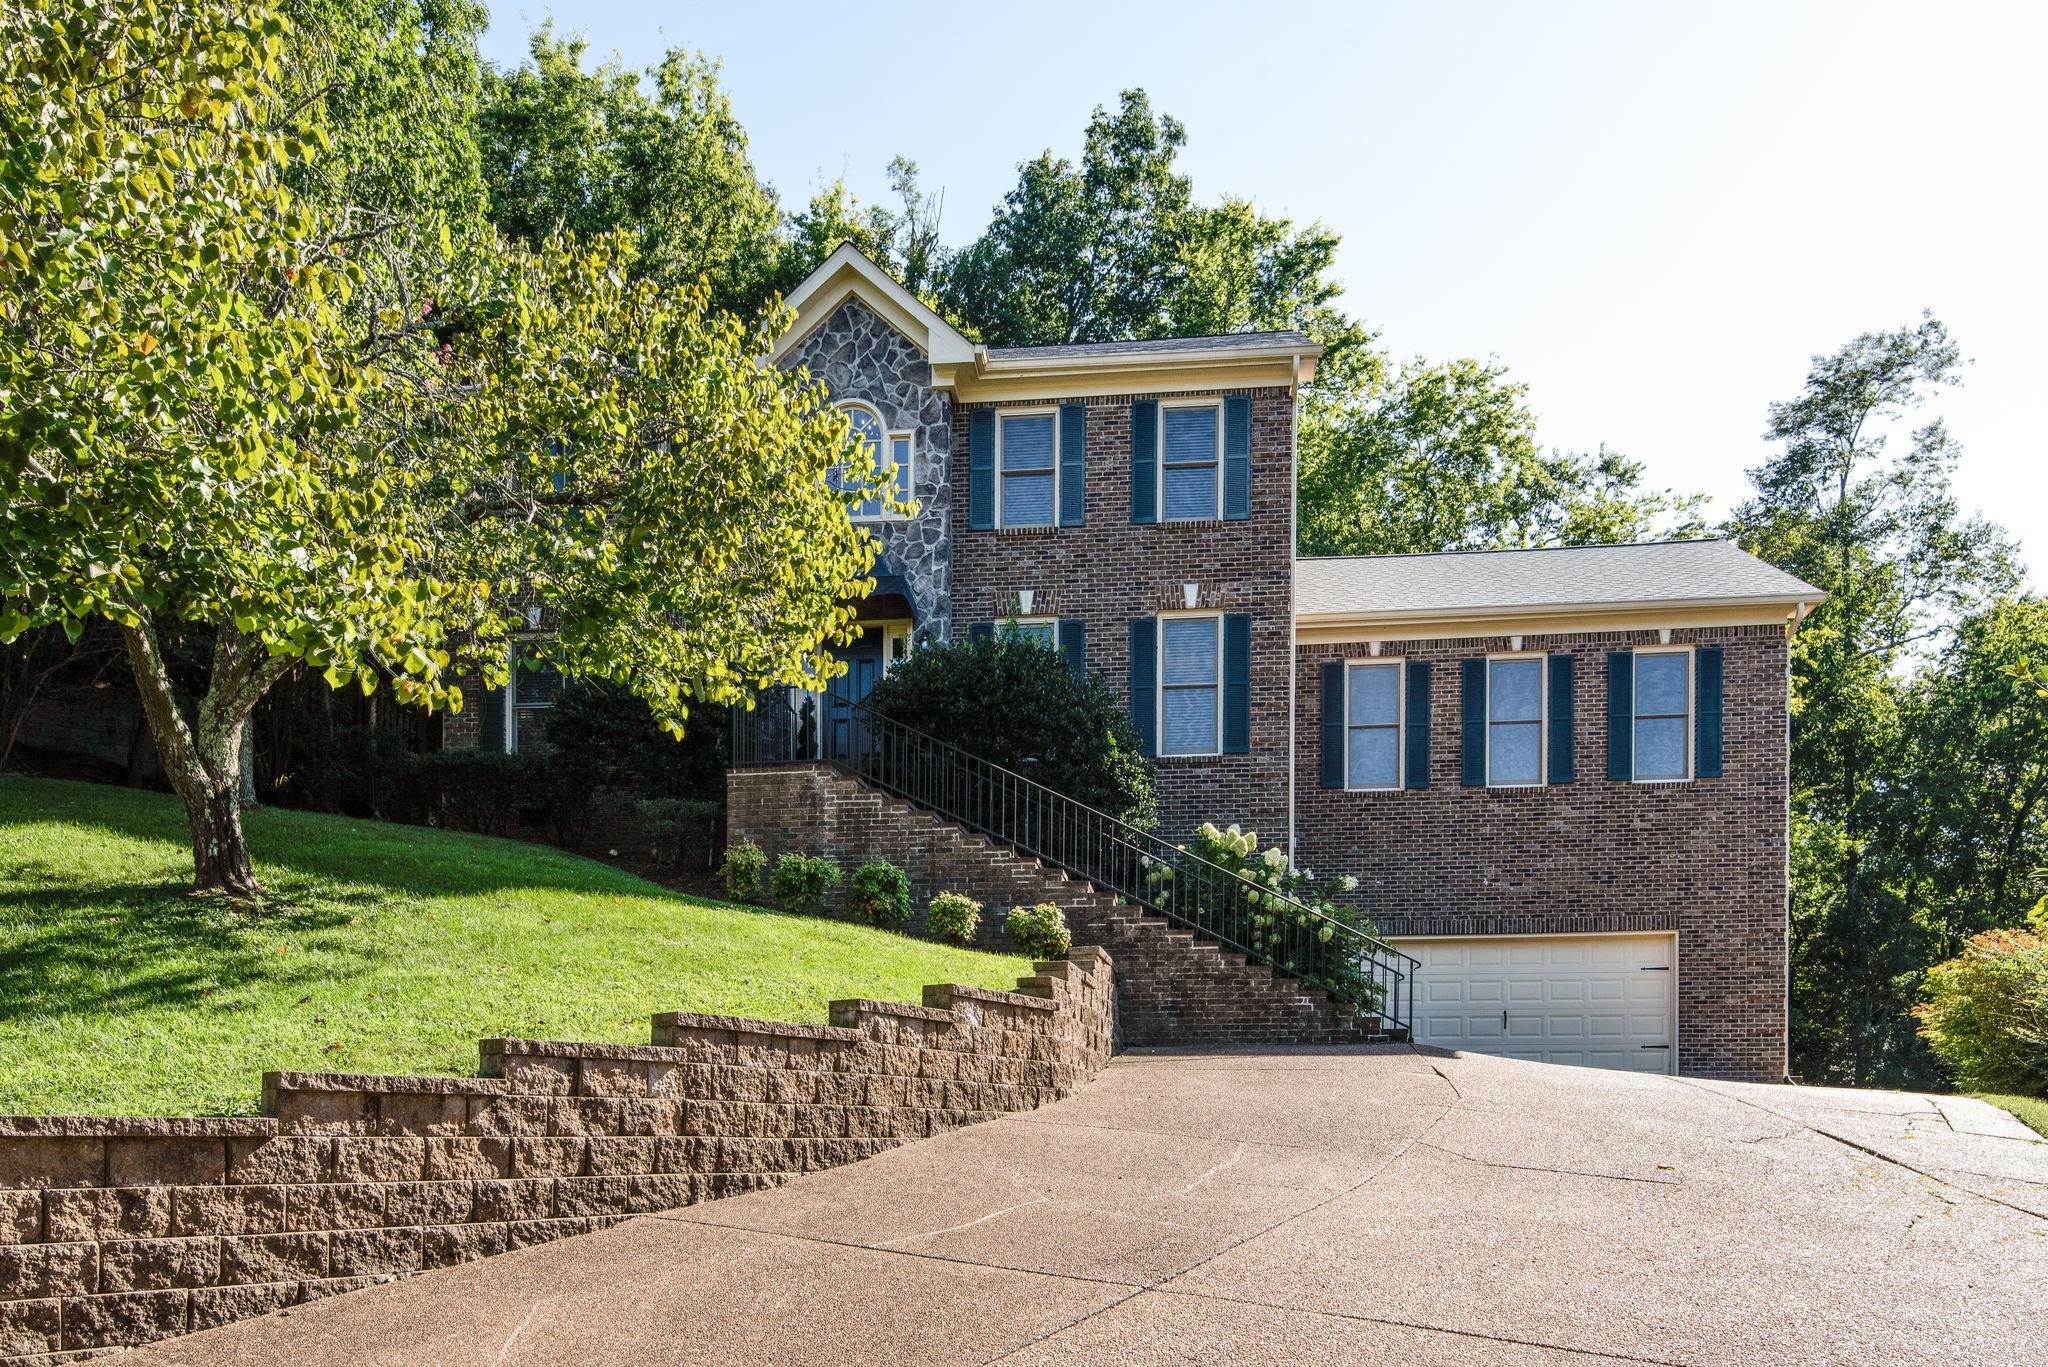 190 N Berwick Ln, Franklin, TN 37069 - Franklin, TN real estate listing